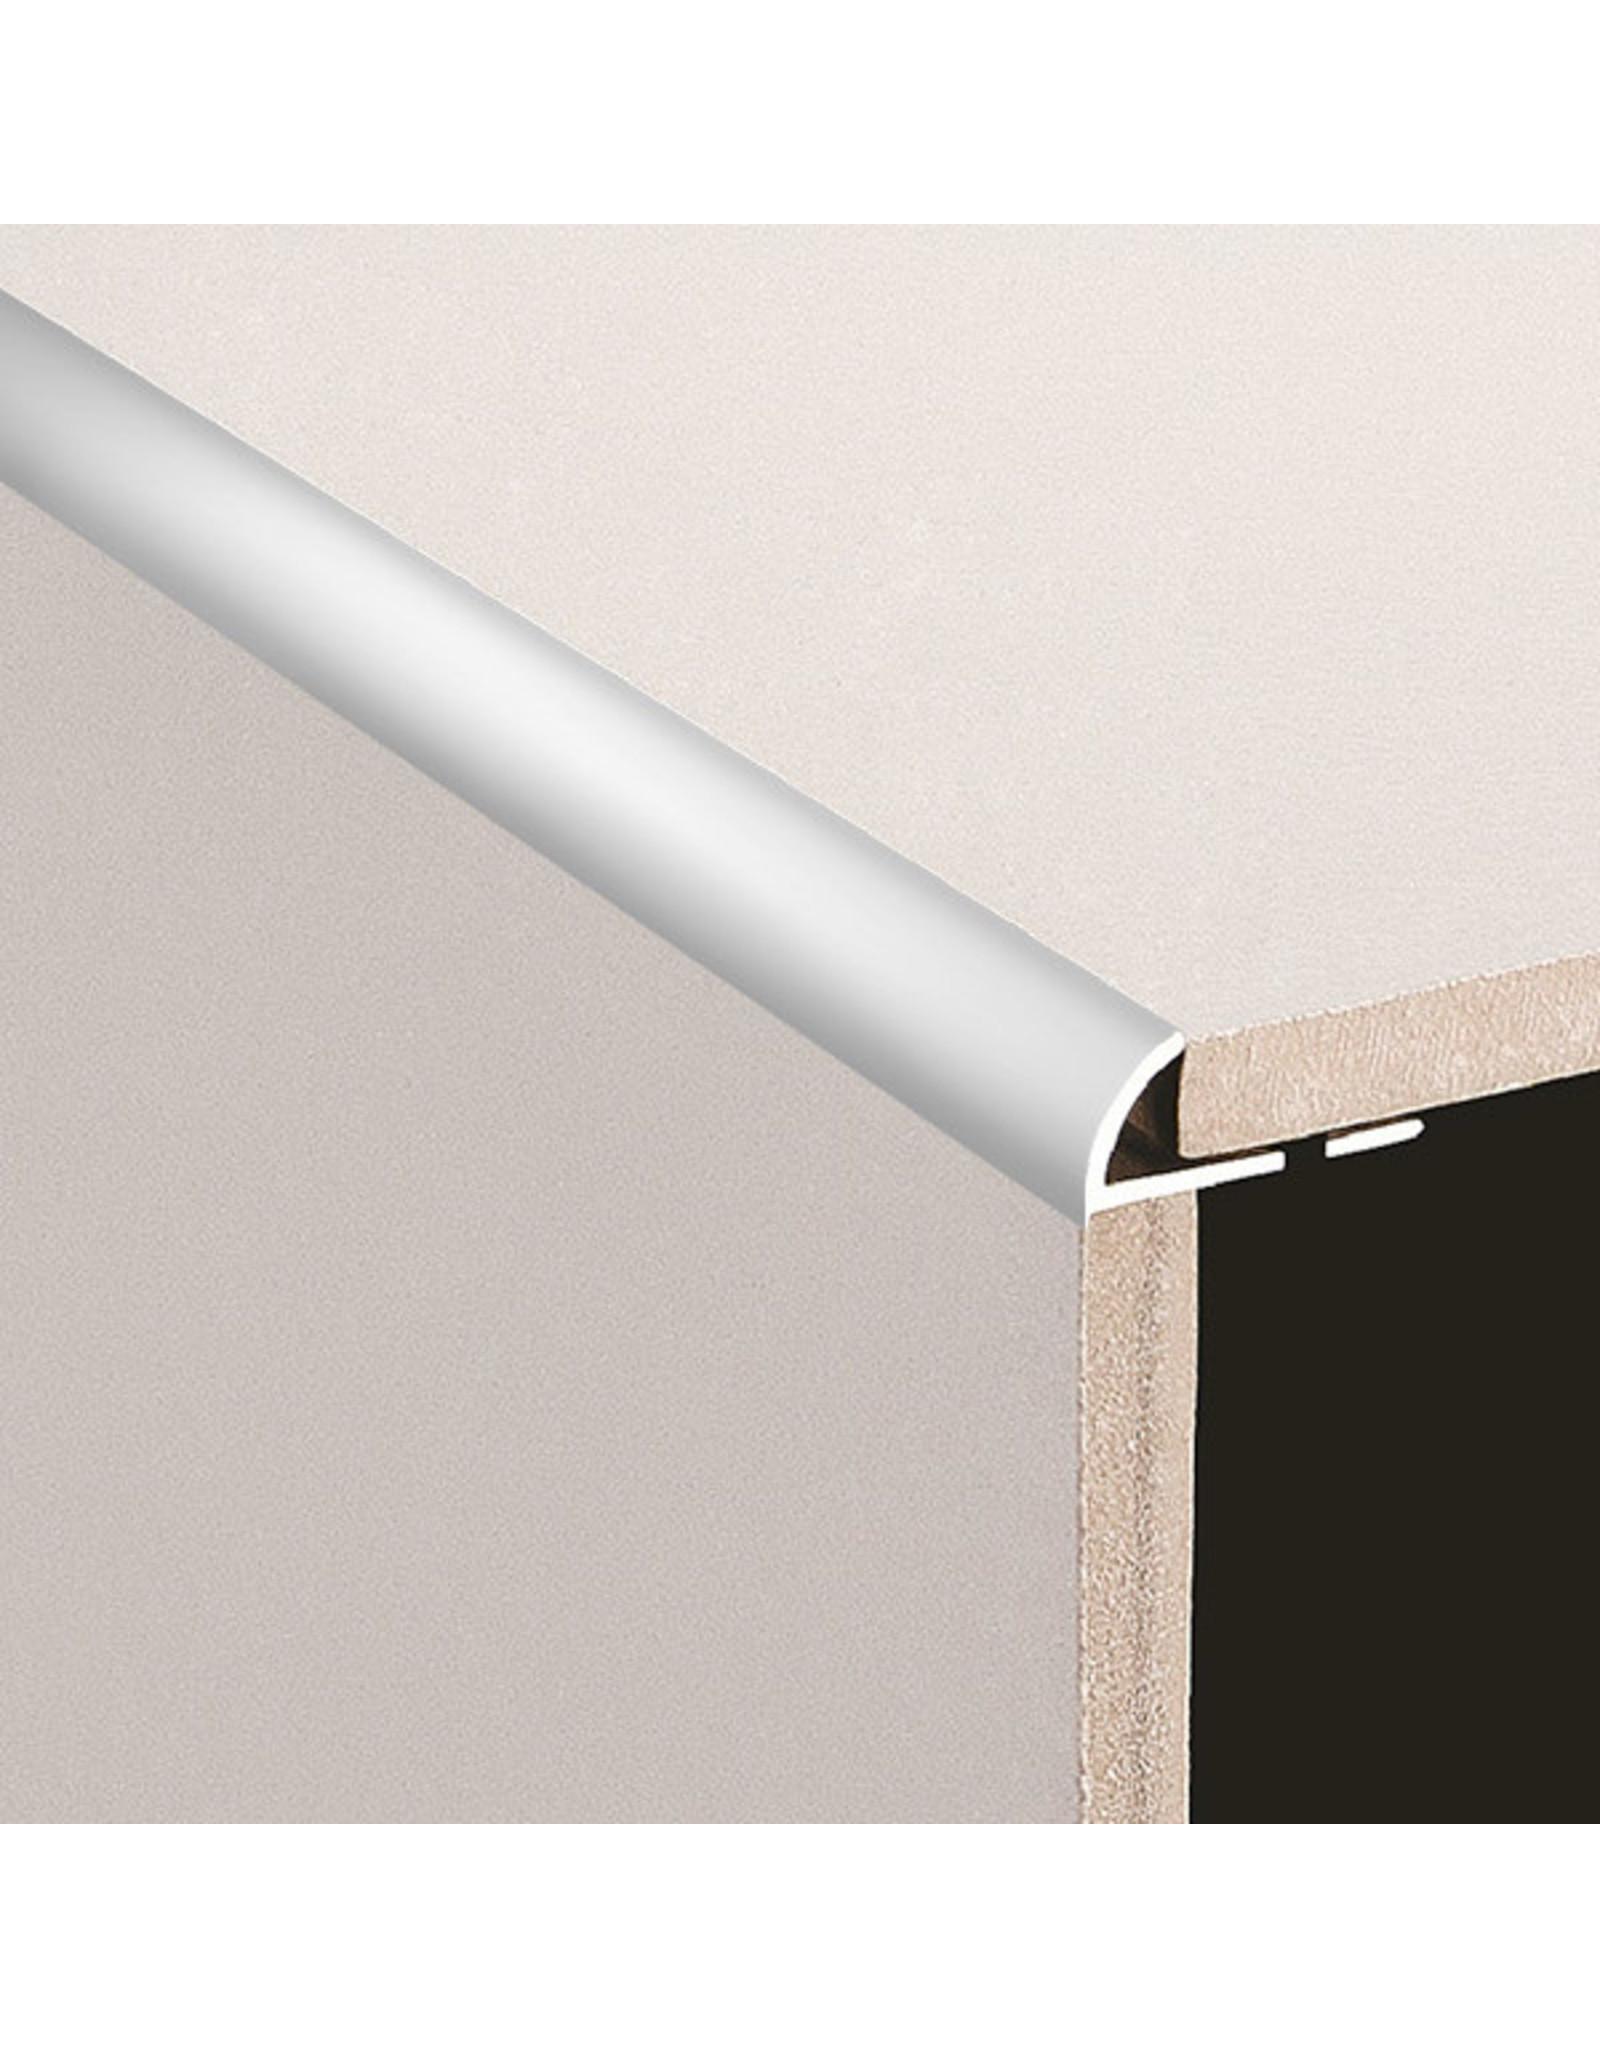 DTA 12mm DTA Aluminium Round Edge Trim Matt Silver